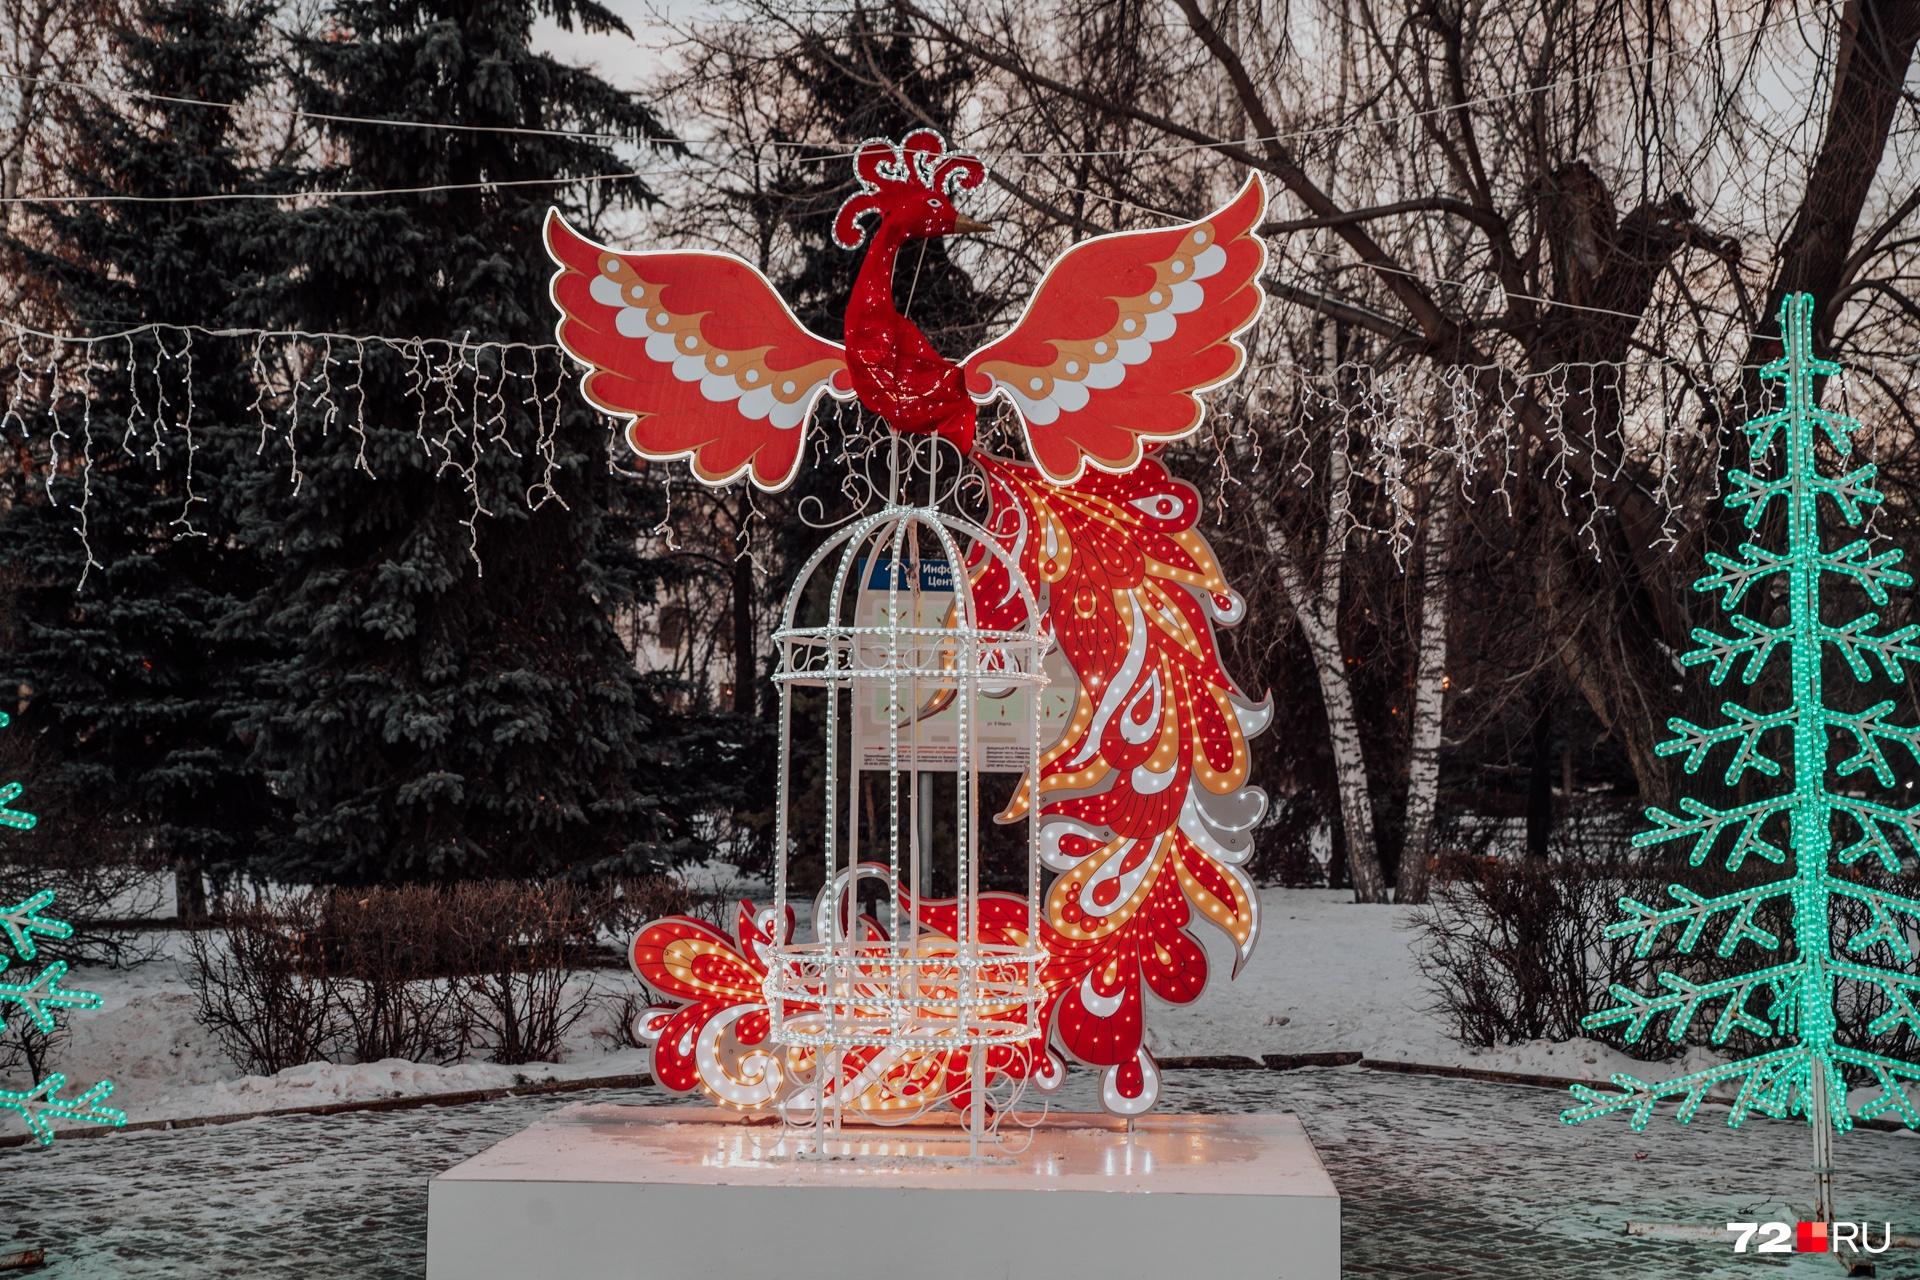 Идем дальше. Вот такая жар-птица вам обязательно встретится, если попадете на Центральную площадь (да-да, где памятник Ленину)